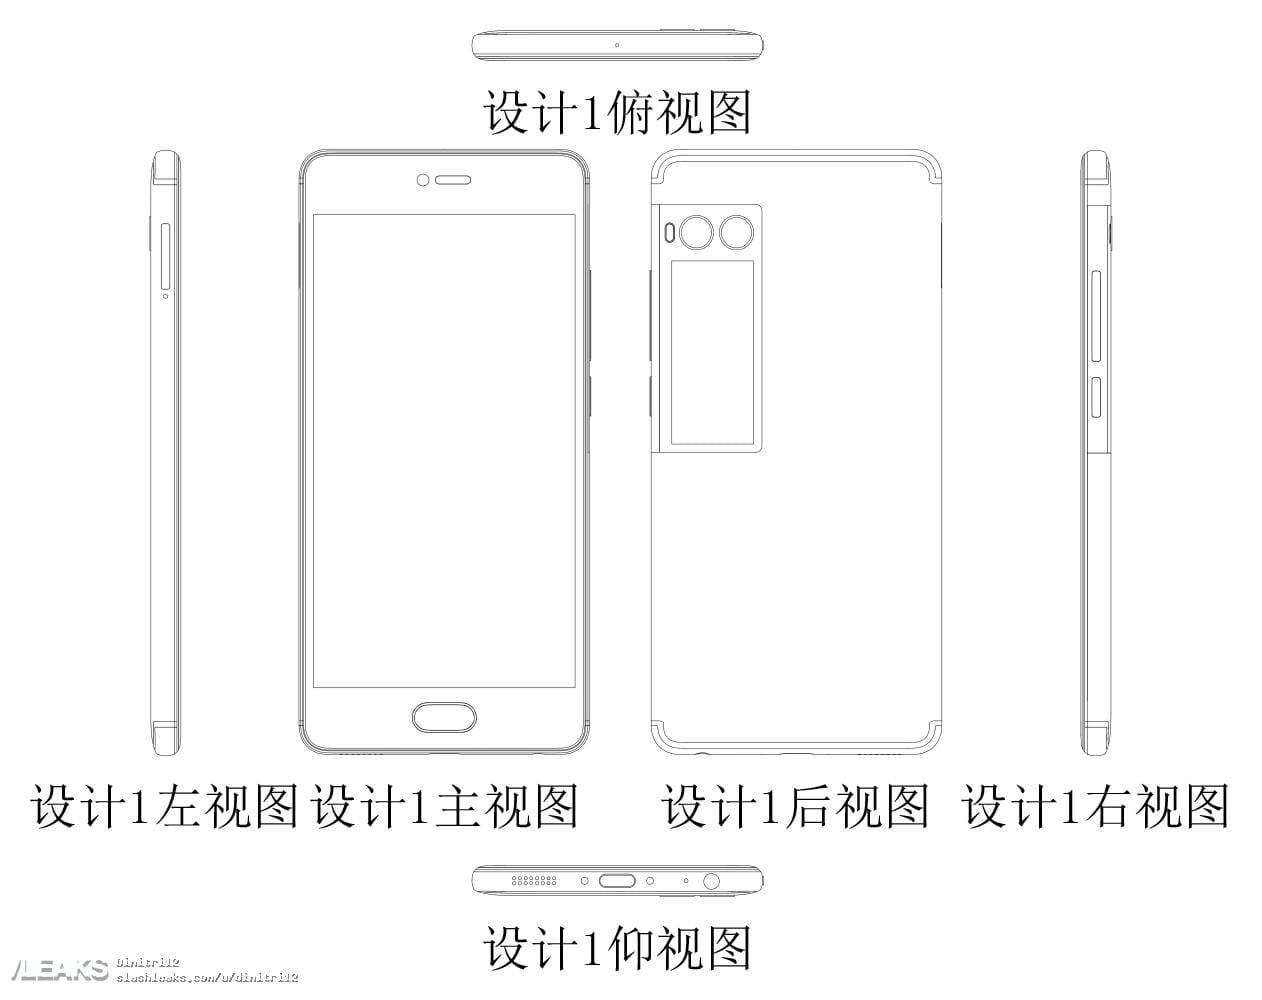 Смартфон Meizu Pro 7 может получить убогий дизайн